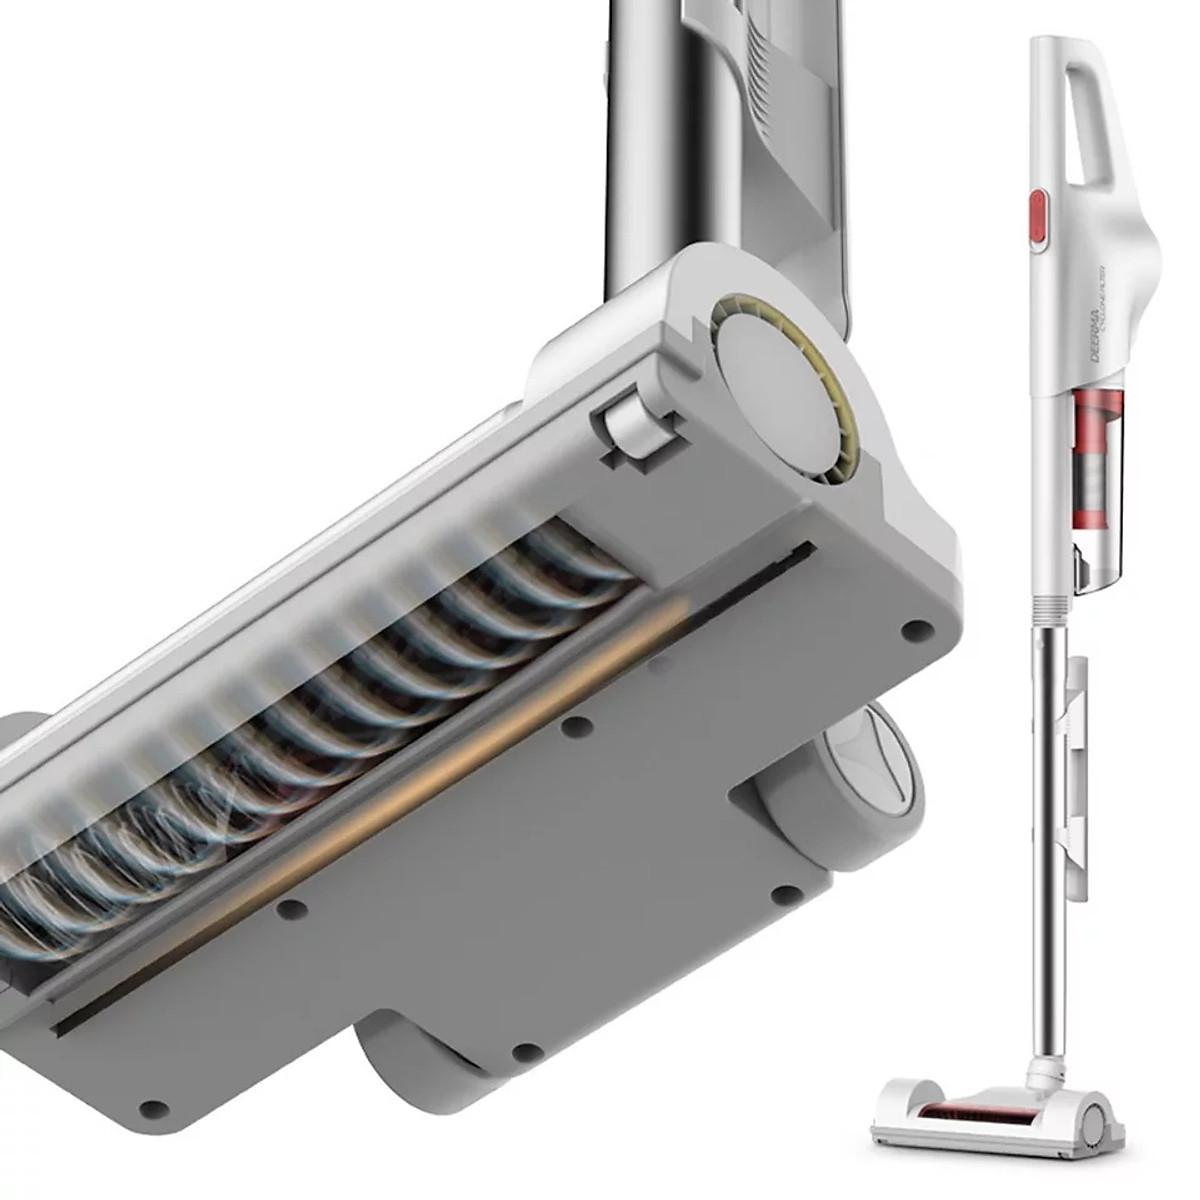 Máy Hút Bụi Gia Đình Deerma DX600S công suất lớn 600 W, Công nghệ Lốc Xoáy Mạnh Mẽ - Hàng Chính Hãng.